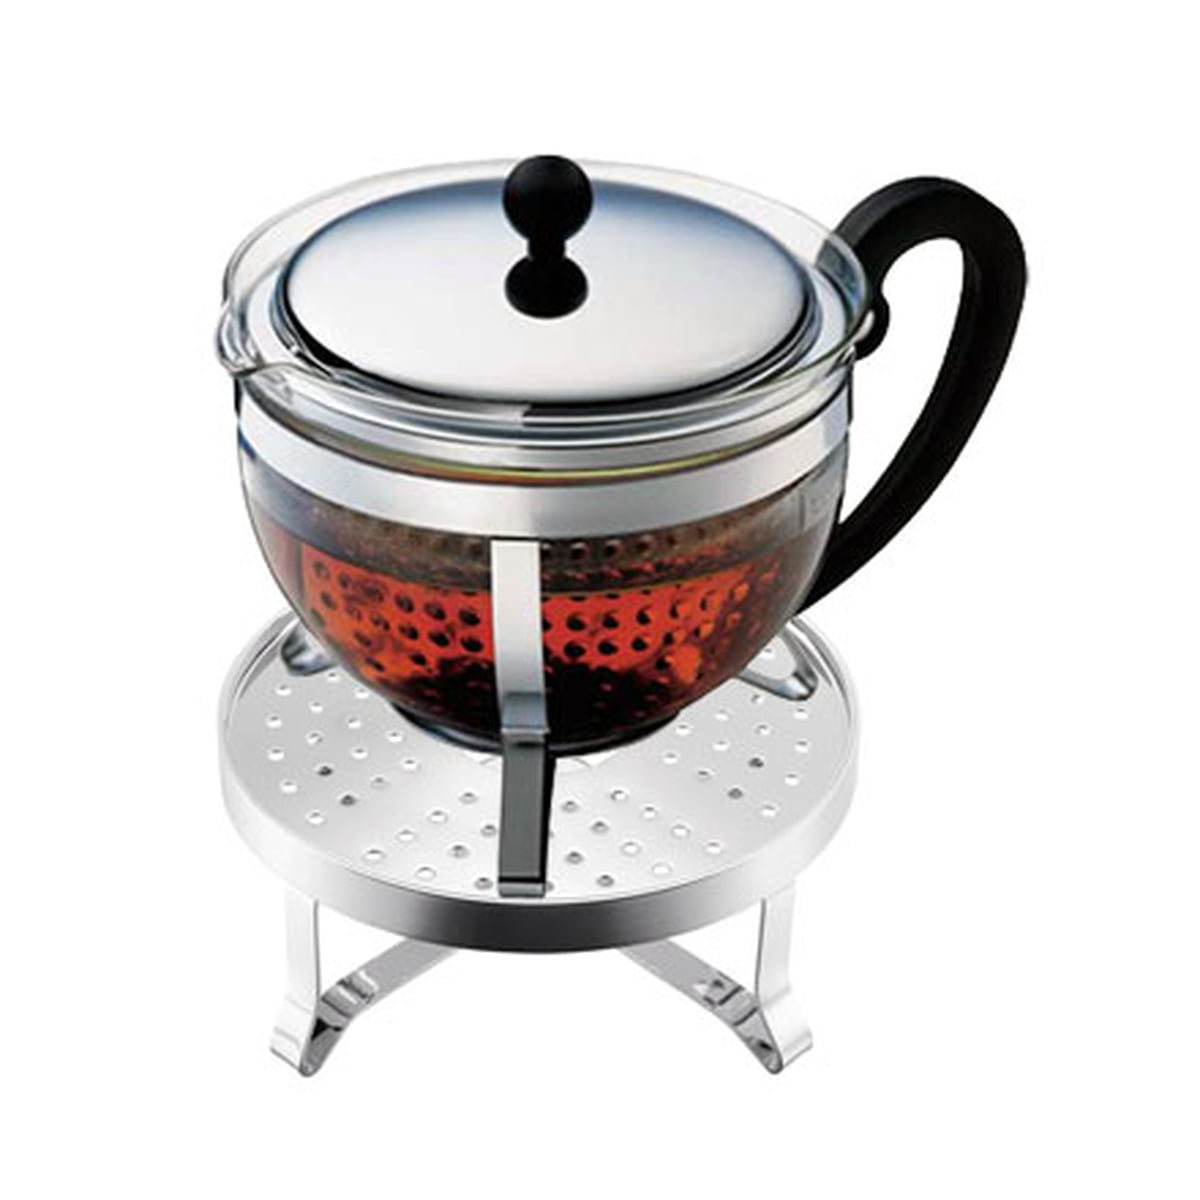 Bodum - Chambord Tee Set (Teekanne, Rechaud)   Küche und Esszimmer > Kaffee und Tee   Transparent -  durchsichtig   Borosilikatglas -  edelstahl   Bodum